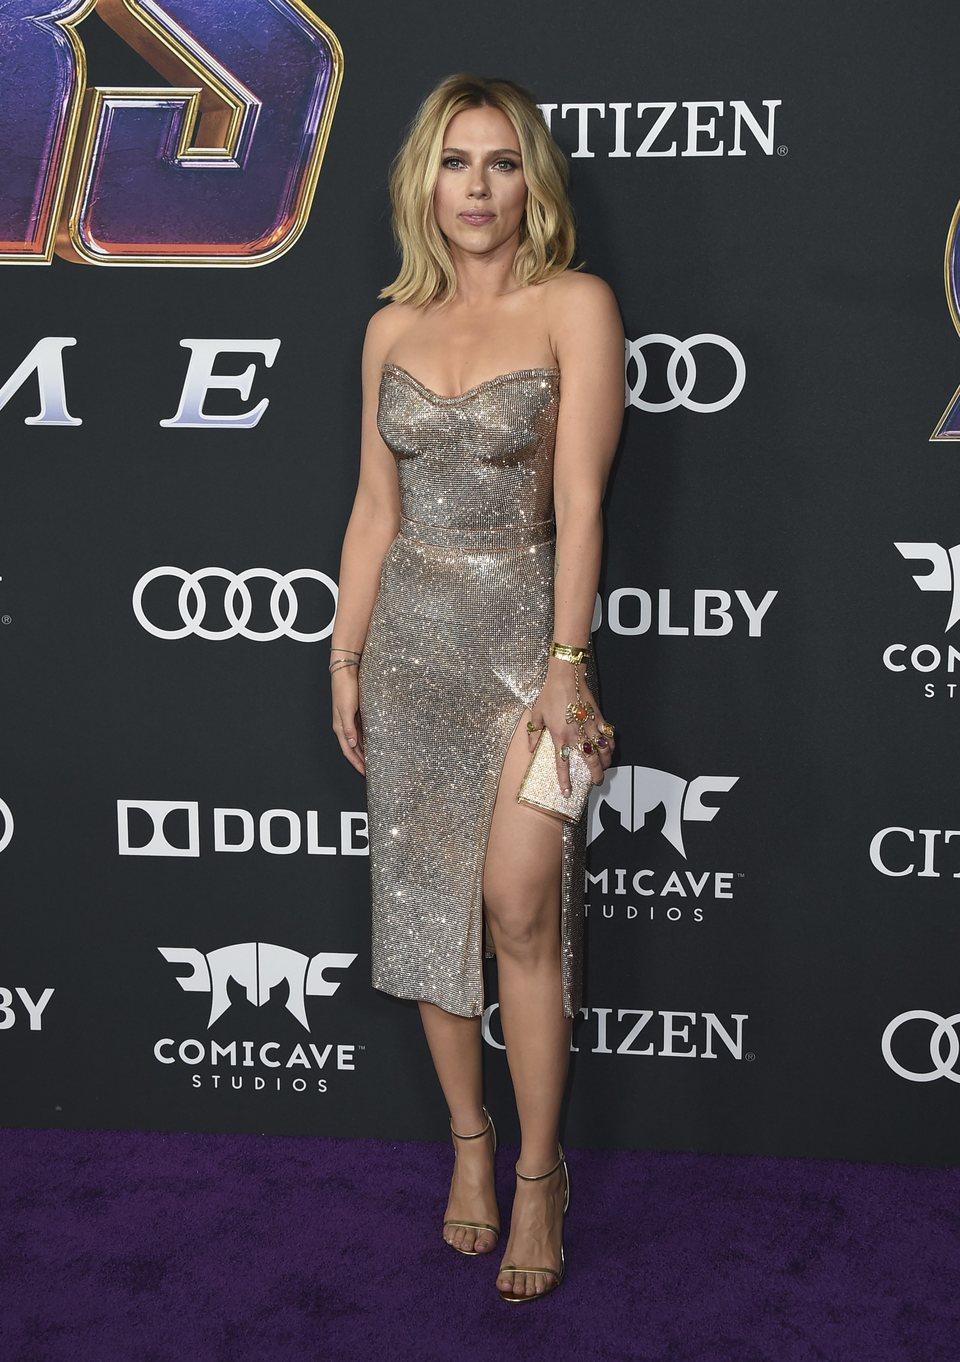 Scarlett Johansson on the red carpet of 'Avengers: Endgame'